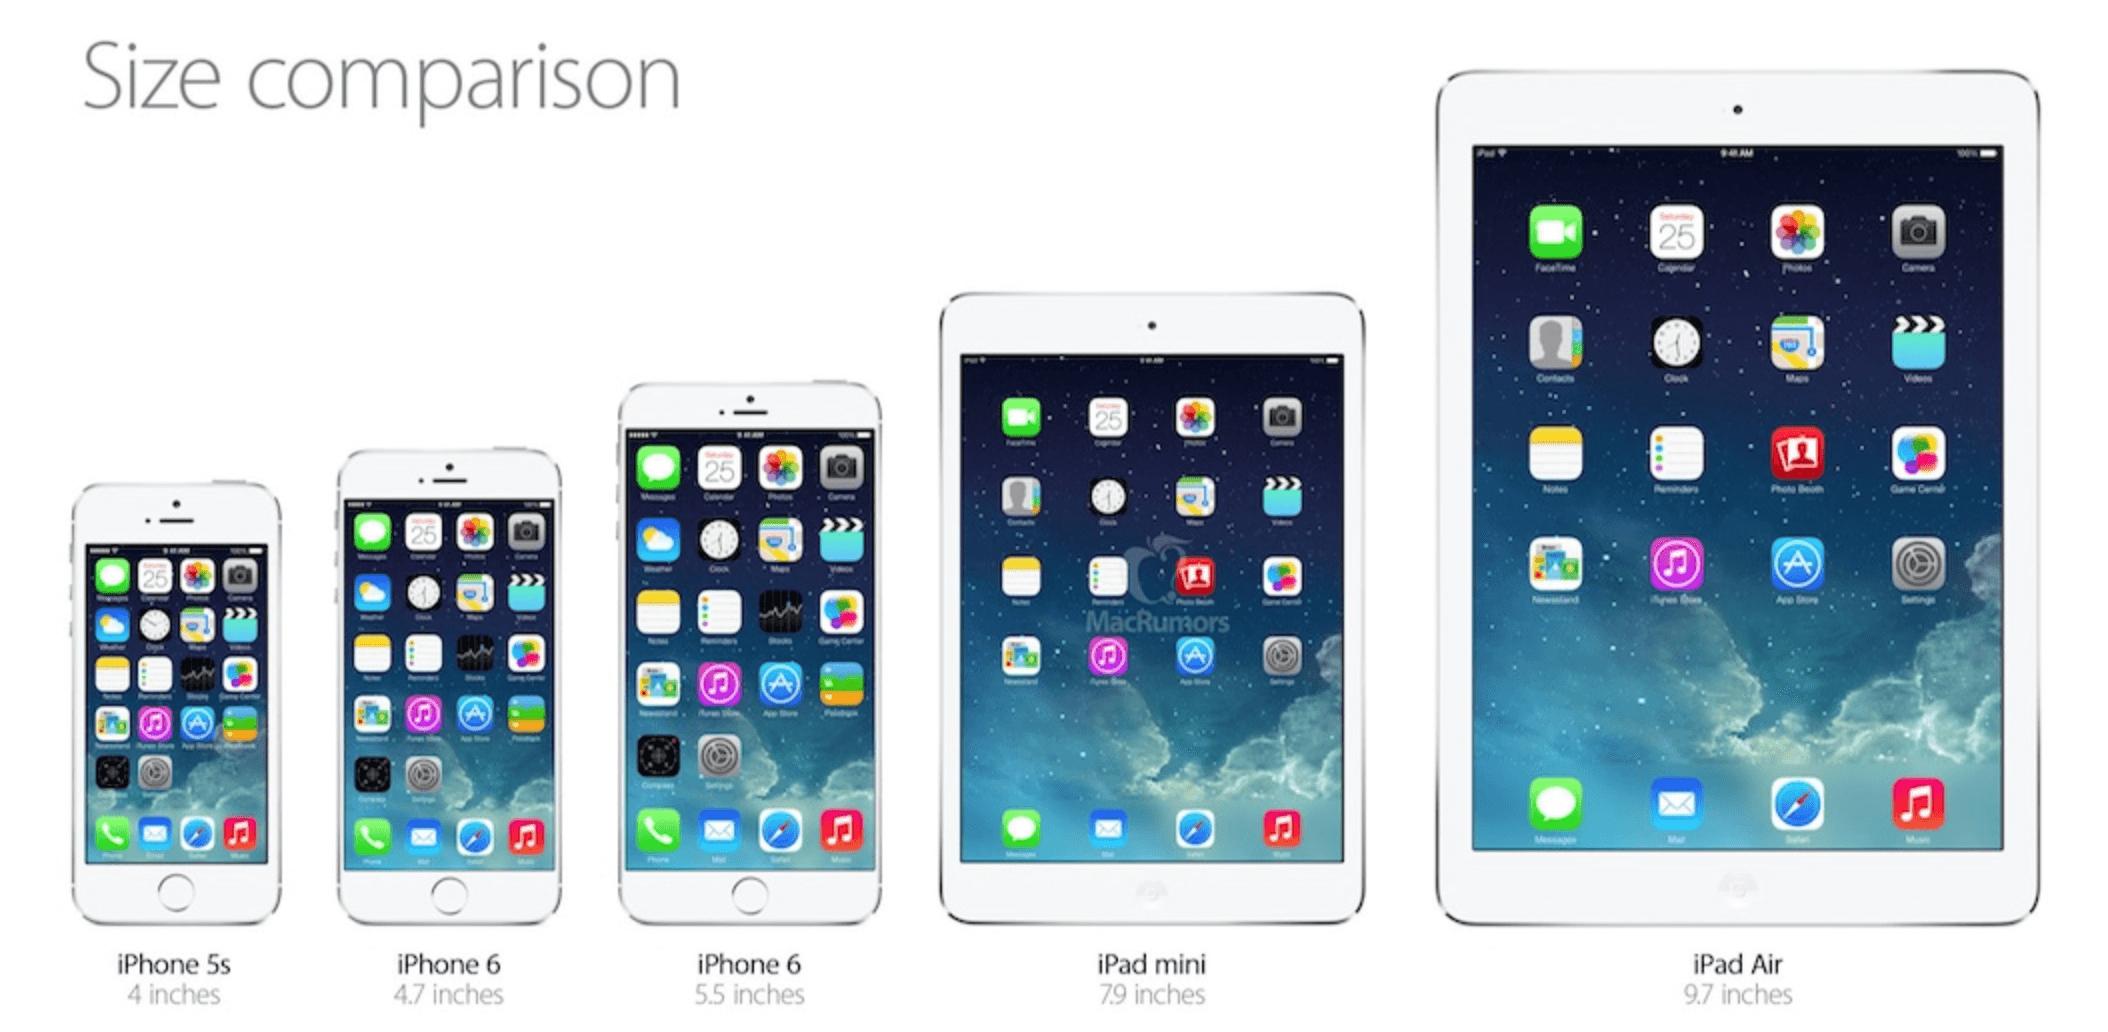 comparison iphone 4s 5 6 - Hledat Googlem